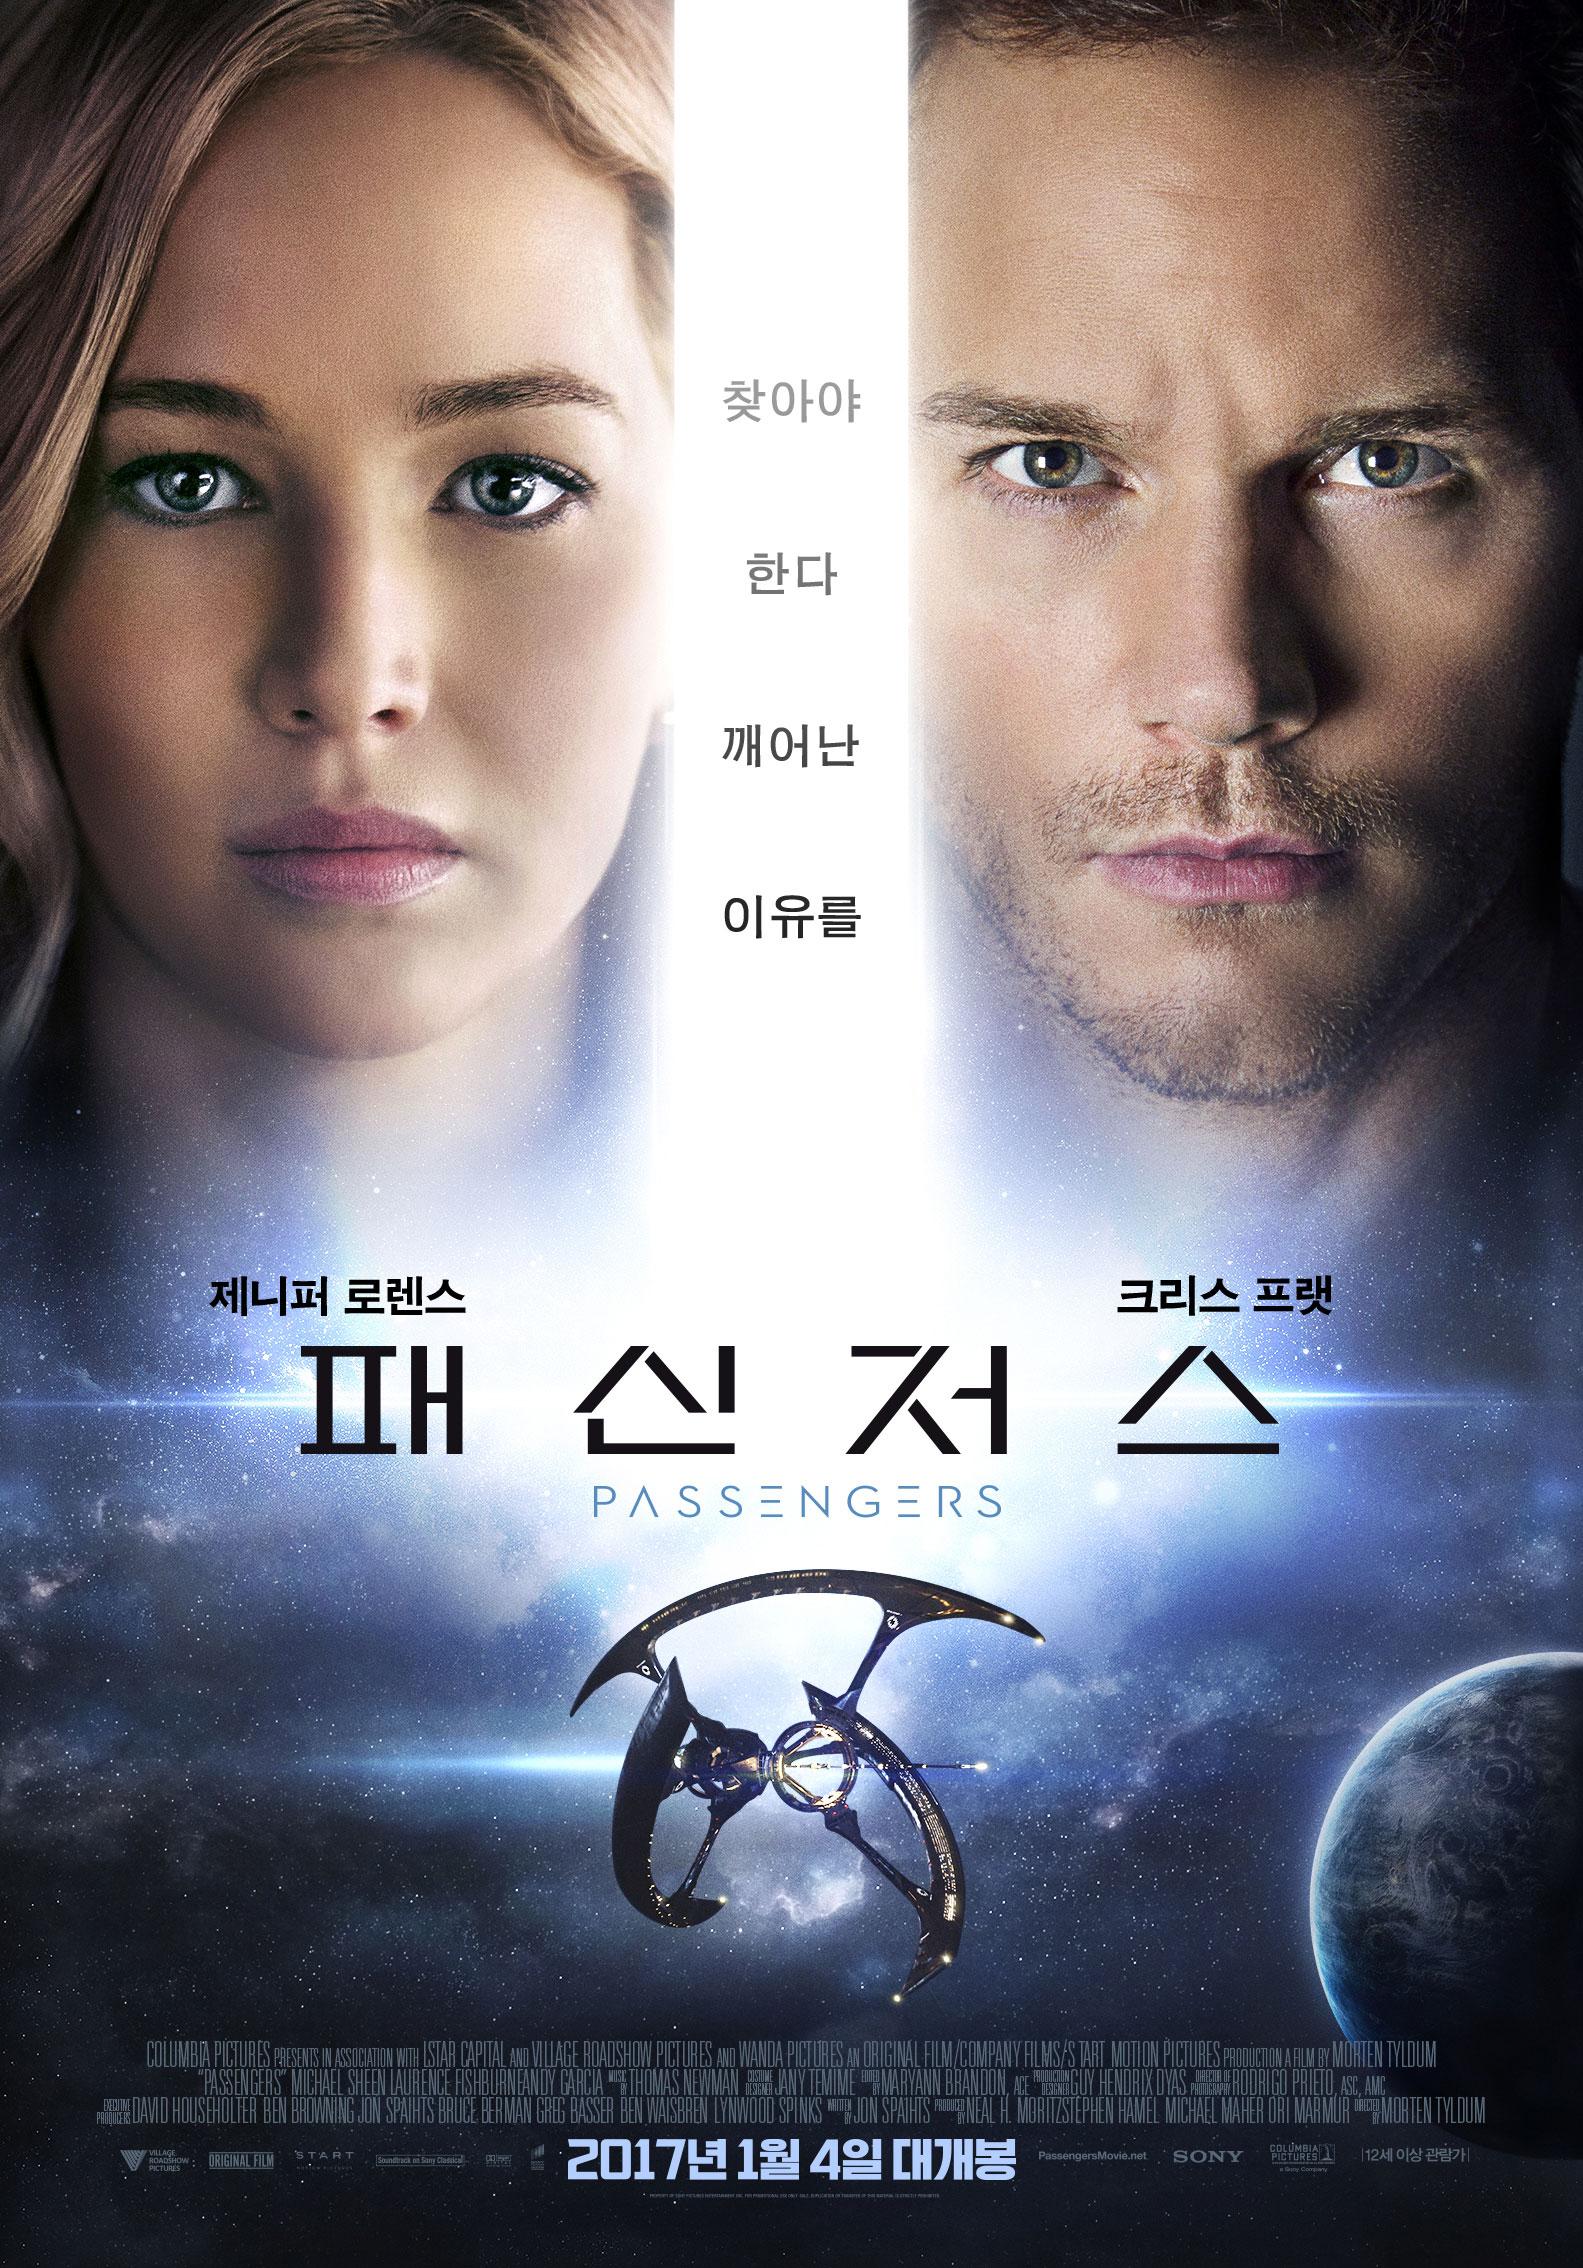 2017년 1월 첫째주 개봉영화